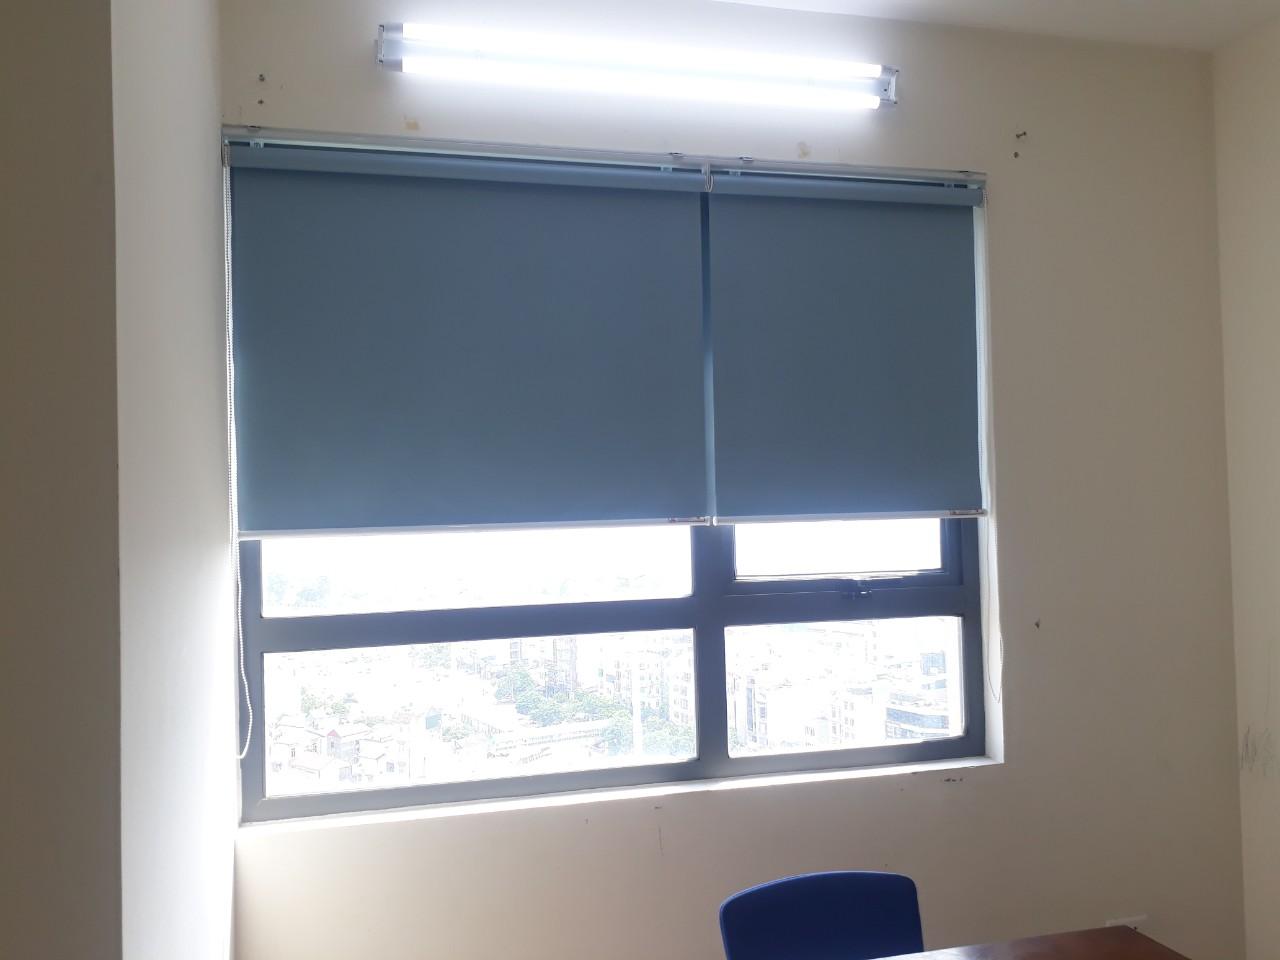 Rèm chắn nắng lý tưởng cho không gian văn phòng